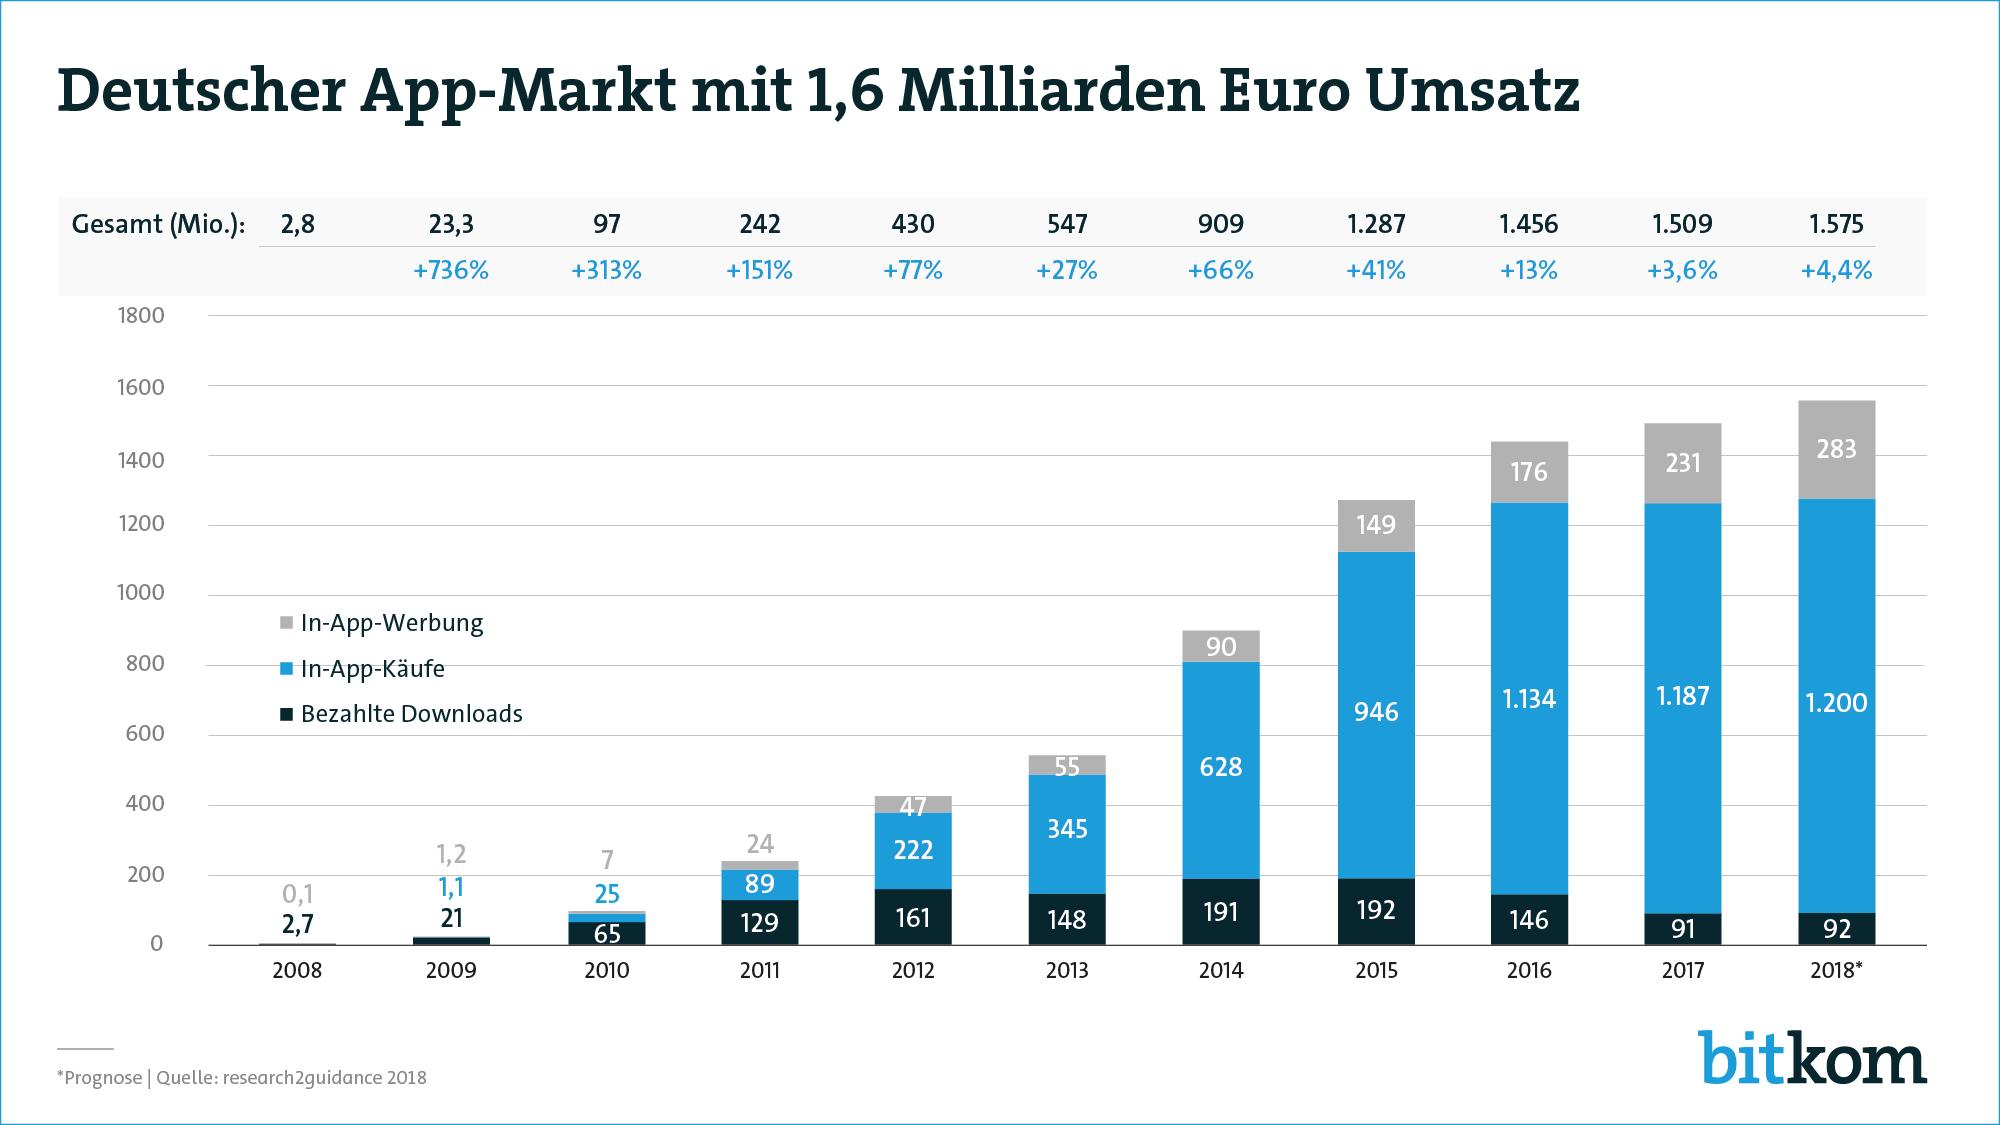 Grafik: Deutscher App-Markt mit 1,6 Milliarden Umsatz